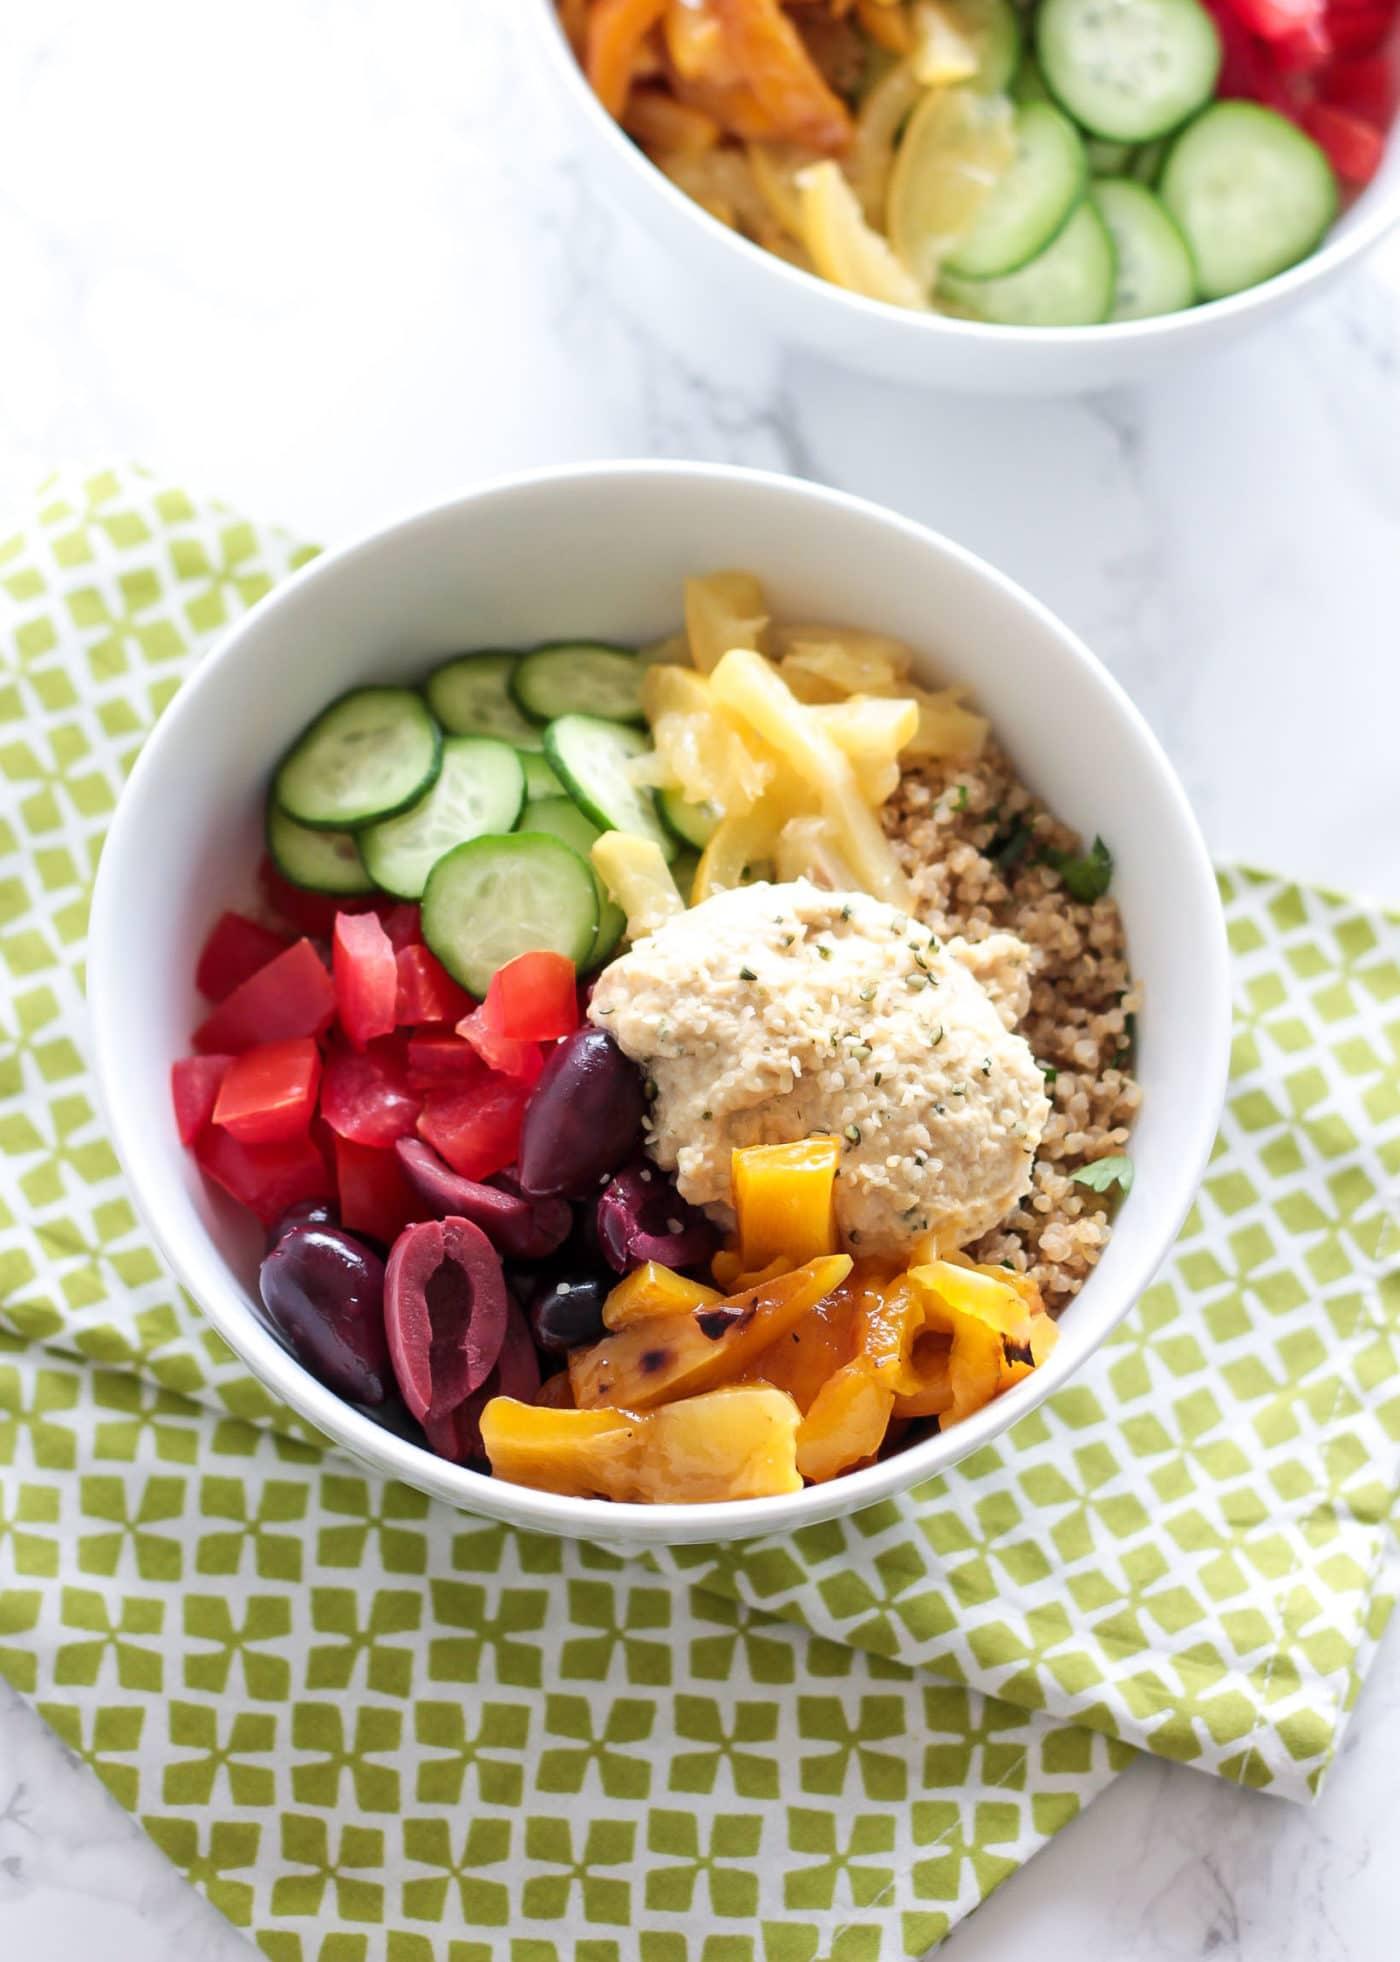 Mediterranean Quinoa Bowls With Hemp Heart Hummus Le Petit Eats